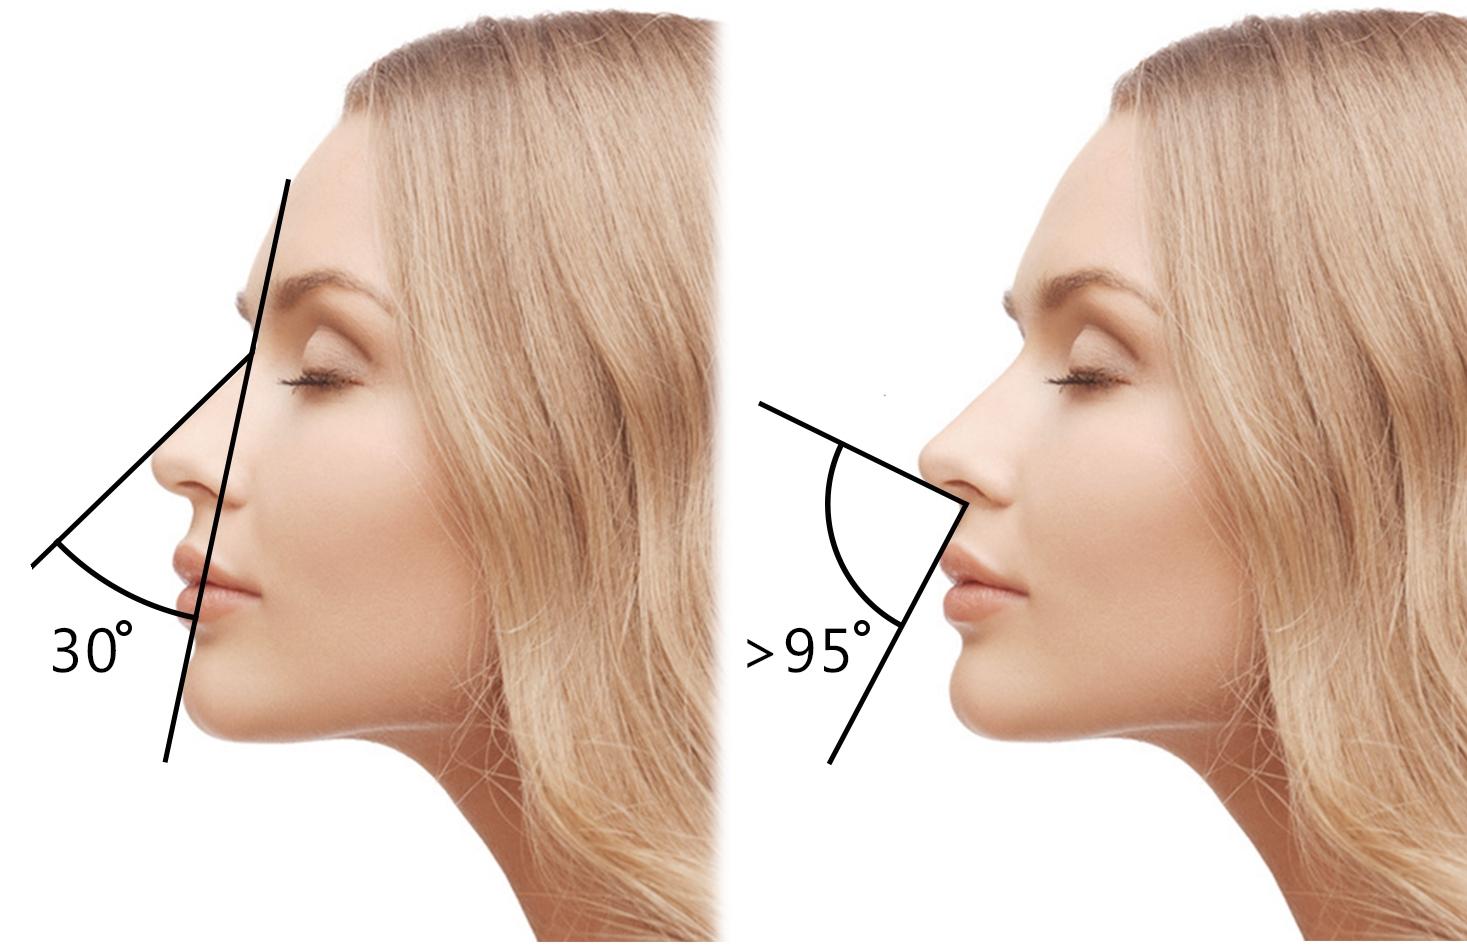 Идеальный профиль - идеальный нос